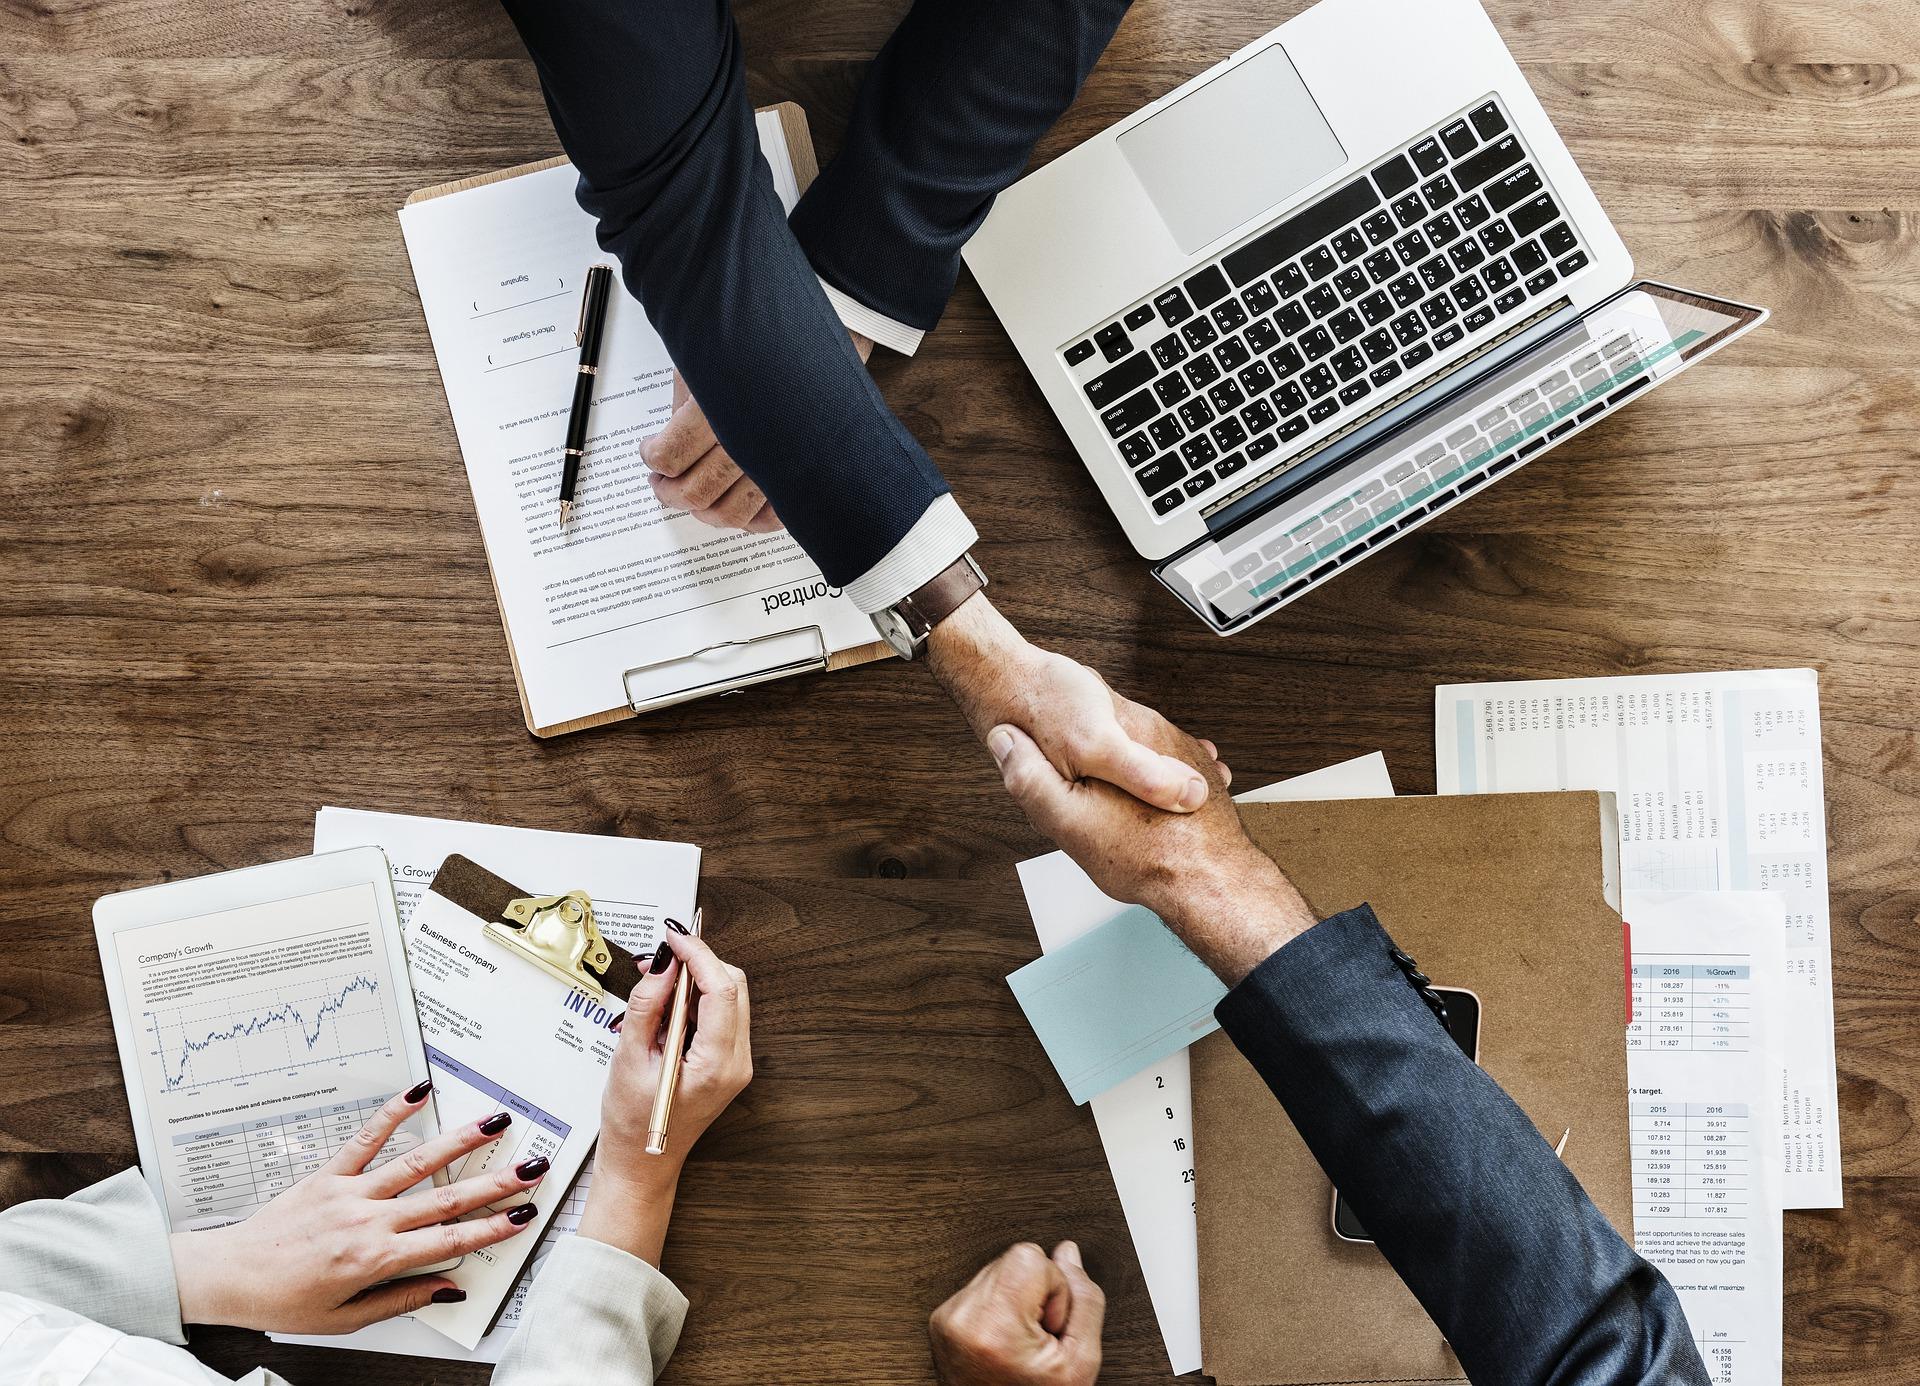 税理士補助経験者が企業の経理へ転職できるのか?